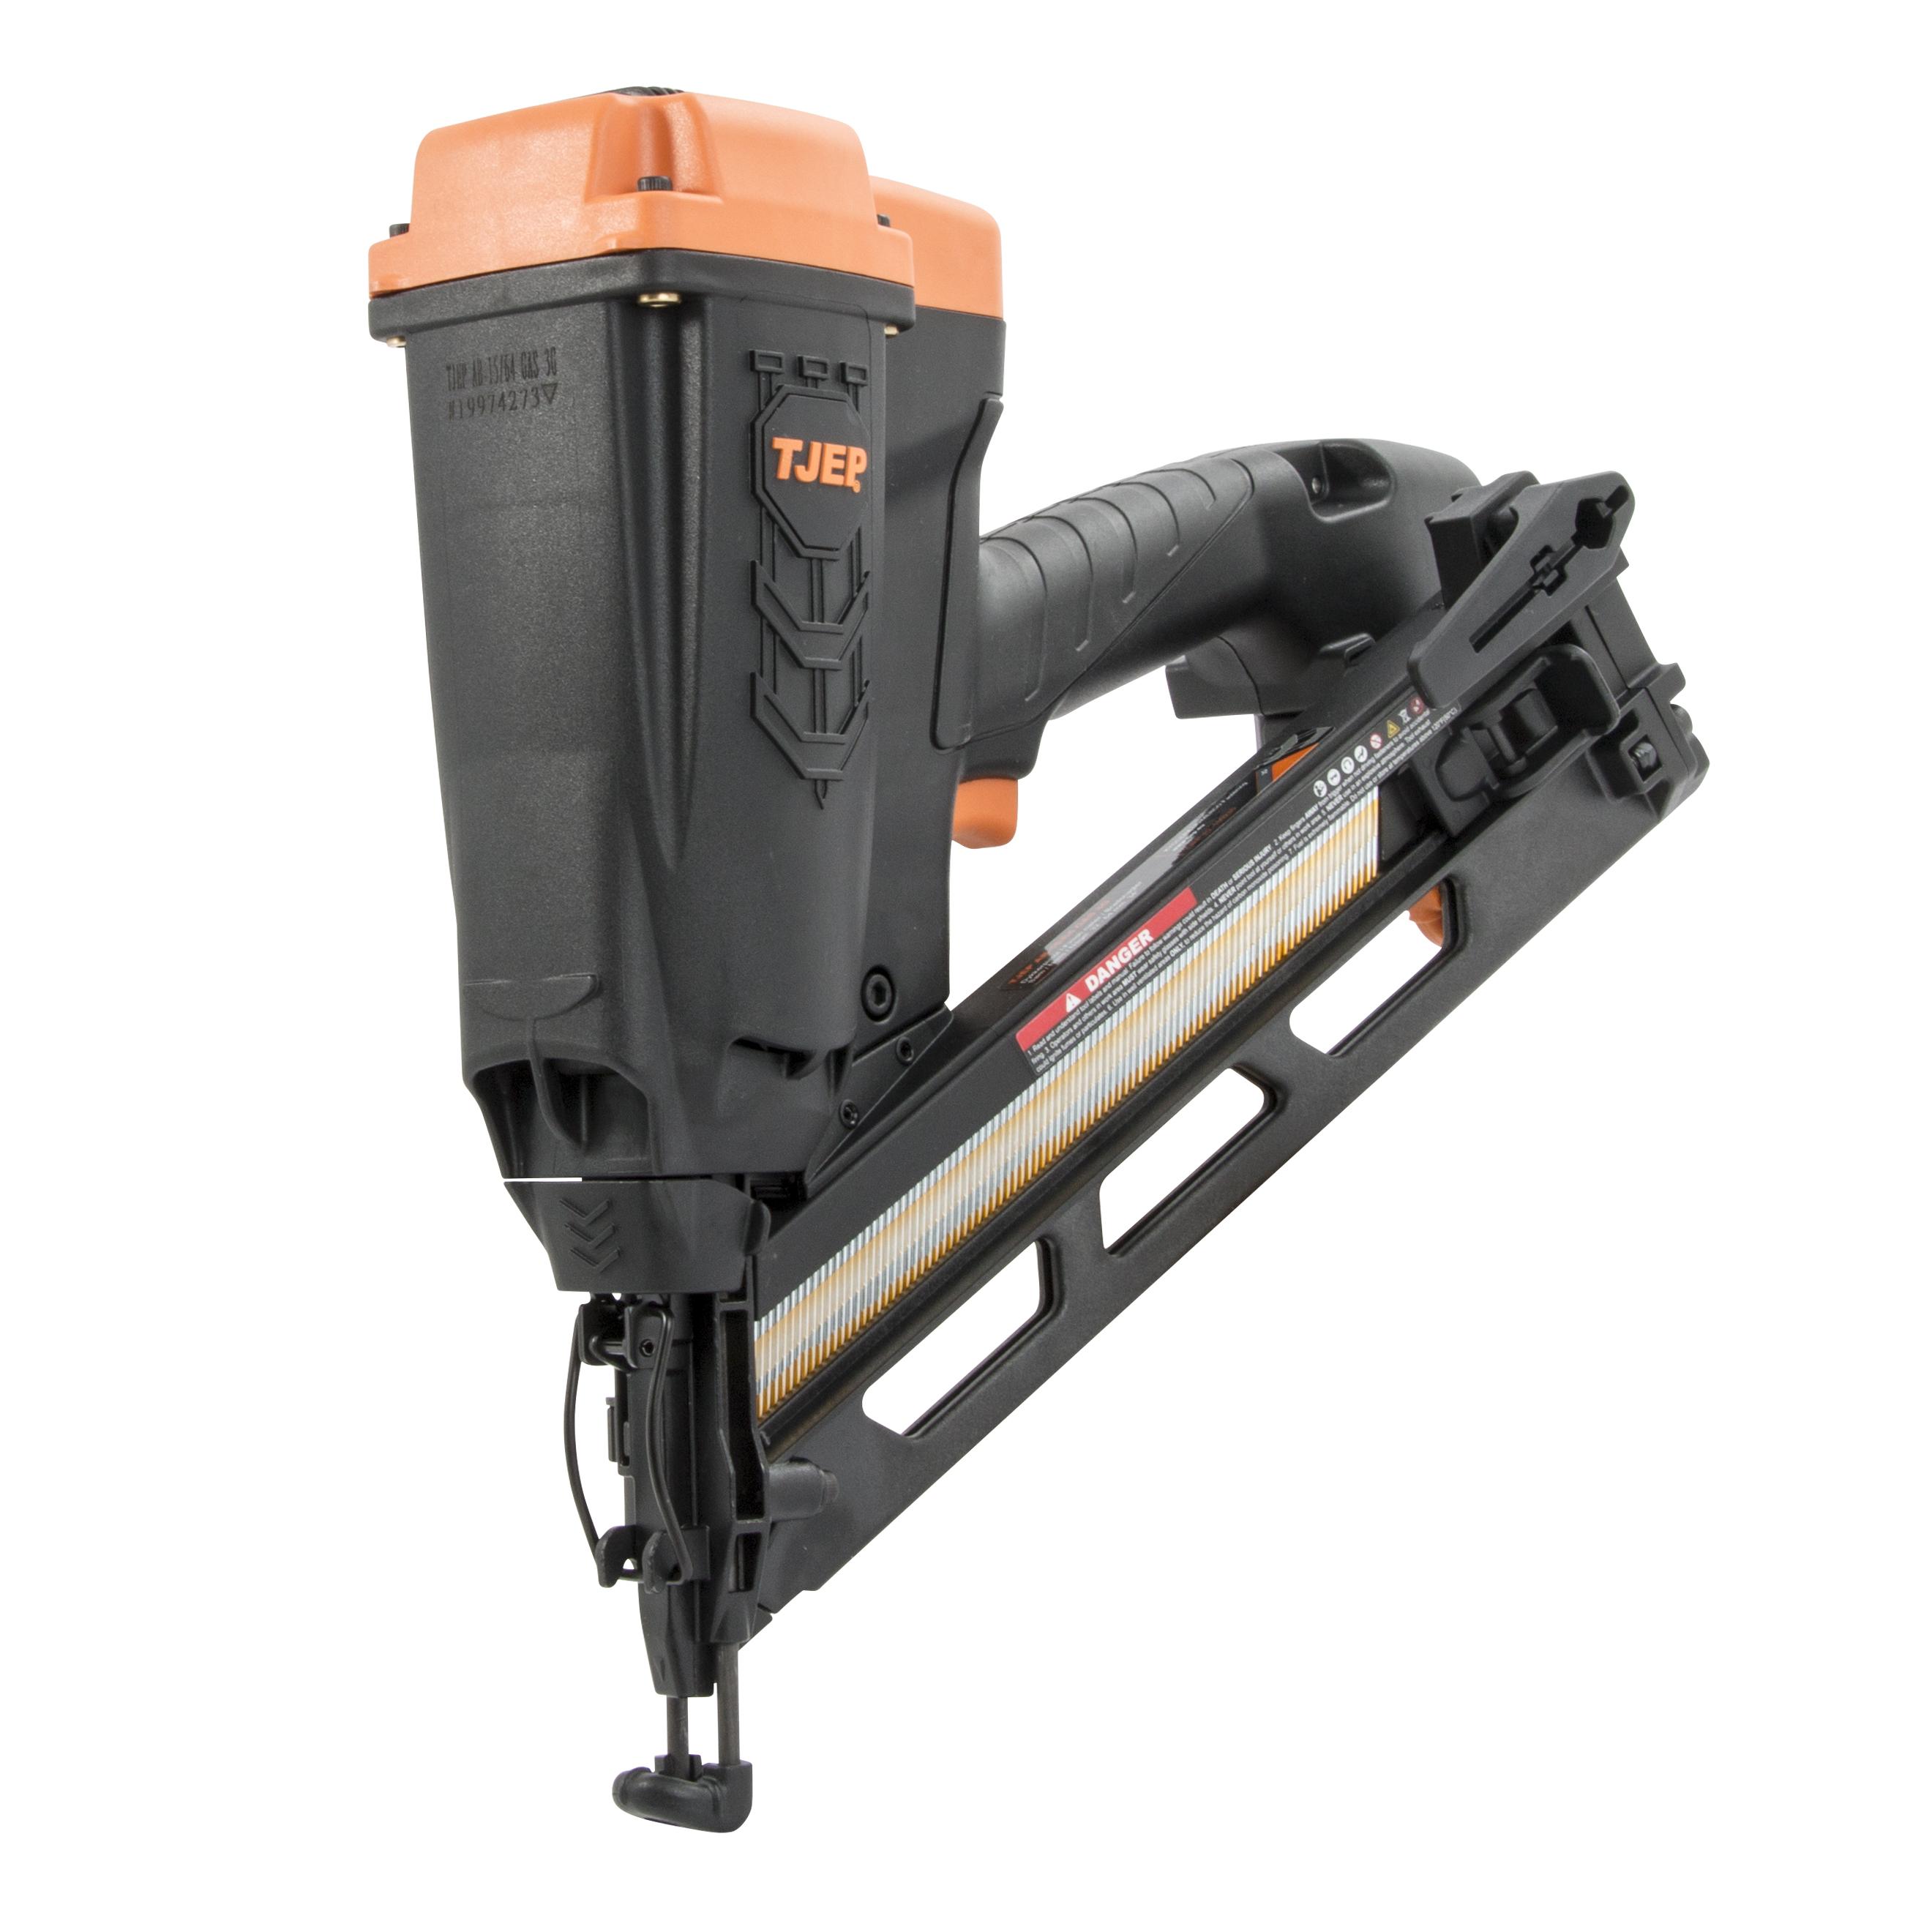 TJEP VF16 45mm Brads